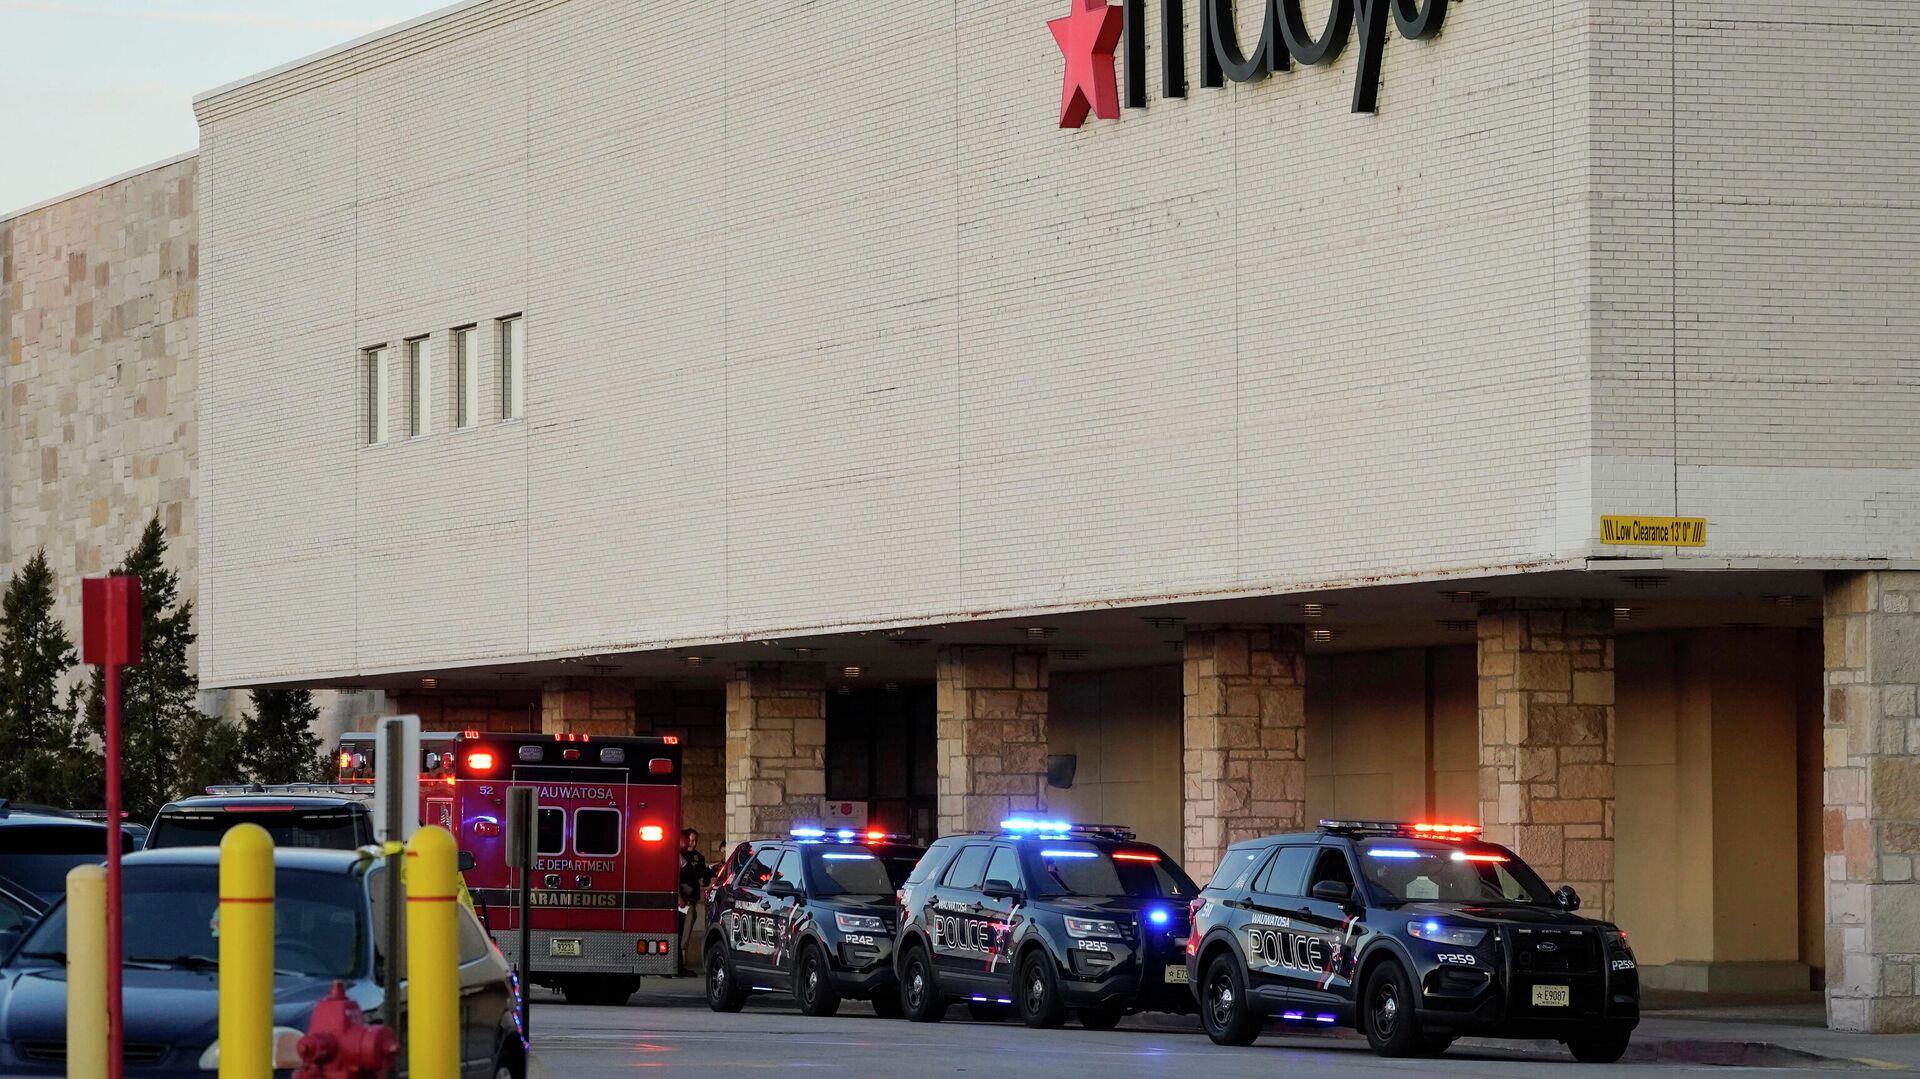 Полиция прибыла в торговый центр в Висконсине, где произошла стрельба - РИА Новости, 1920, 21.11.2020